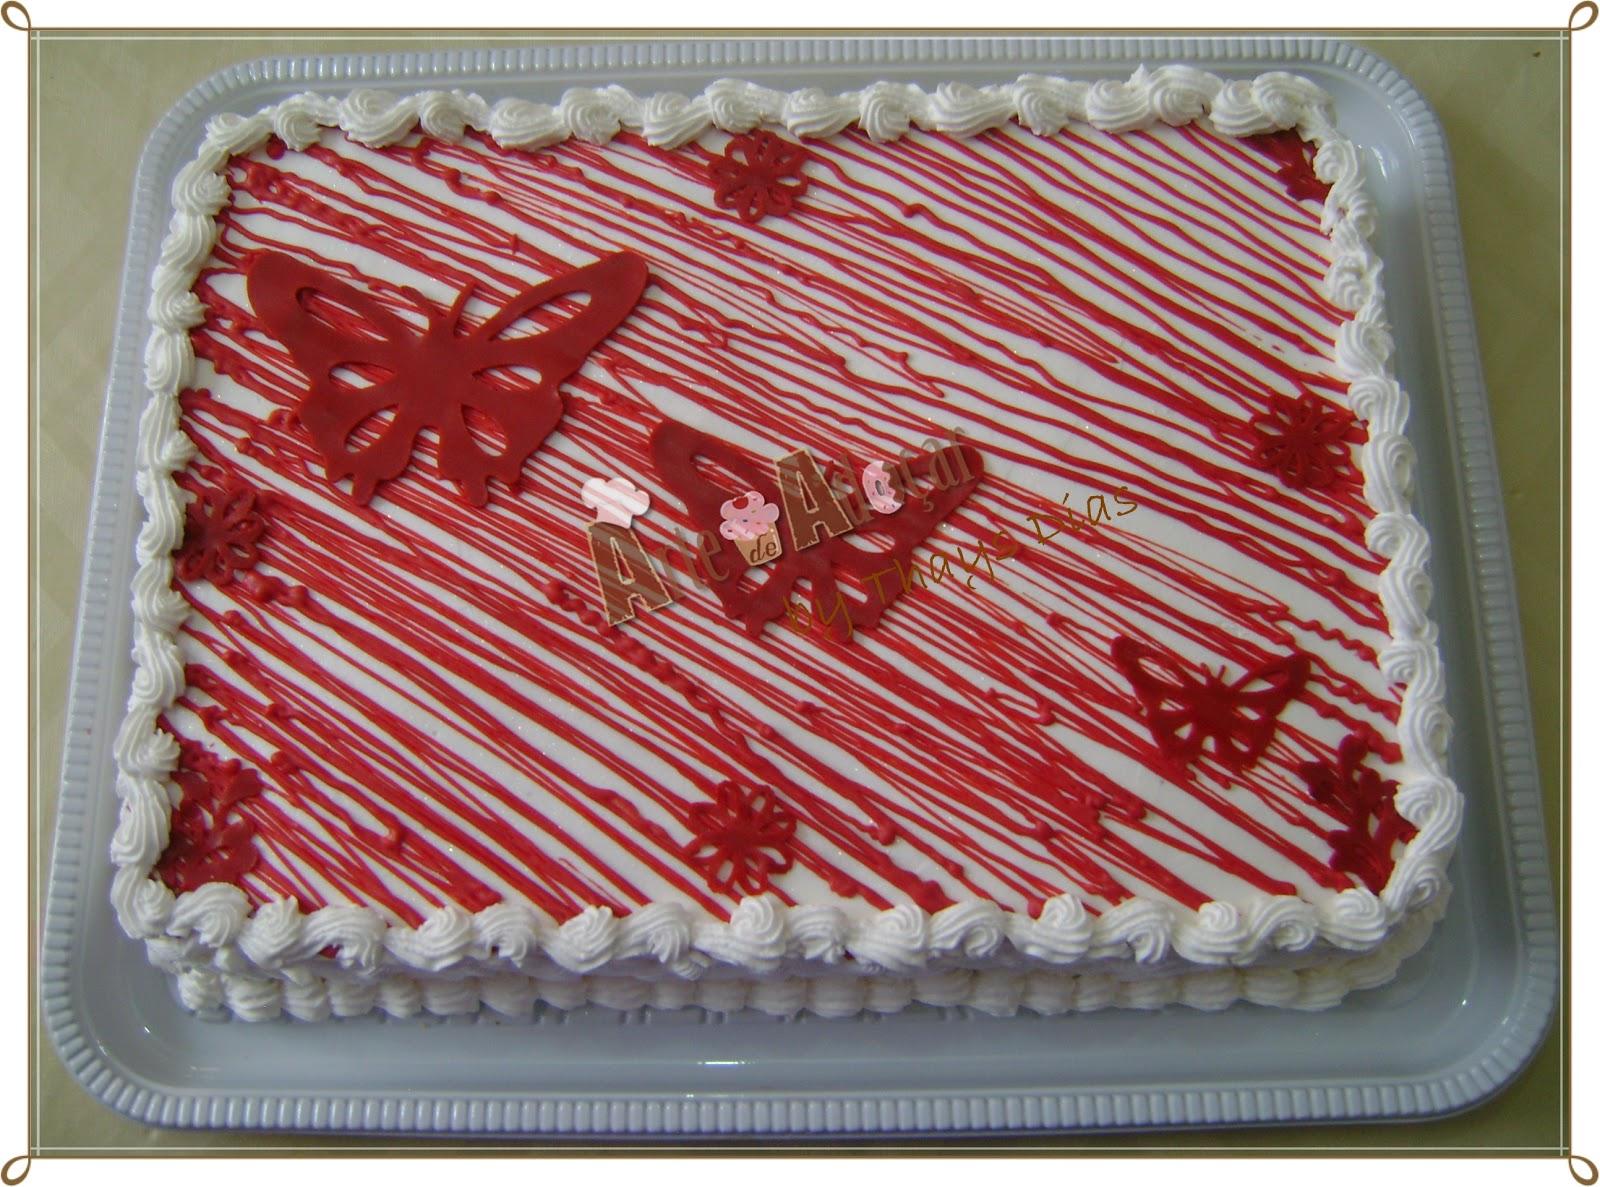 Arte de adoar bolo borboletas vermelhas bolo de baunilha com recheio de doces de leite e nozes decorado com chantily e confeiro em acar altavistaventures Image collections